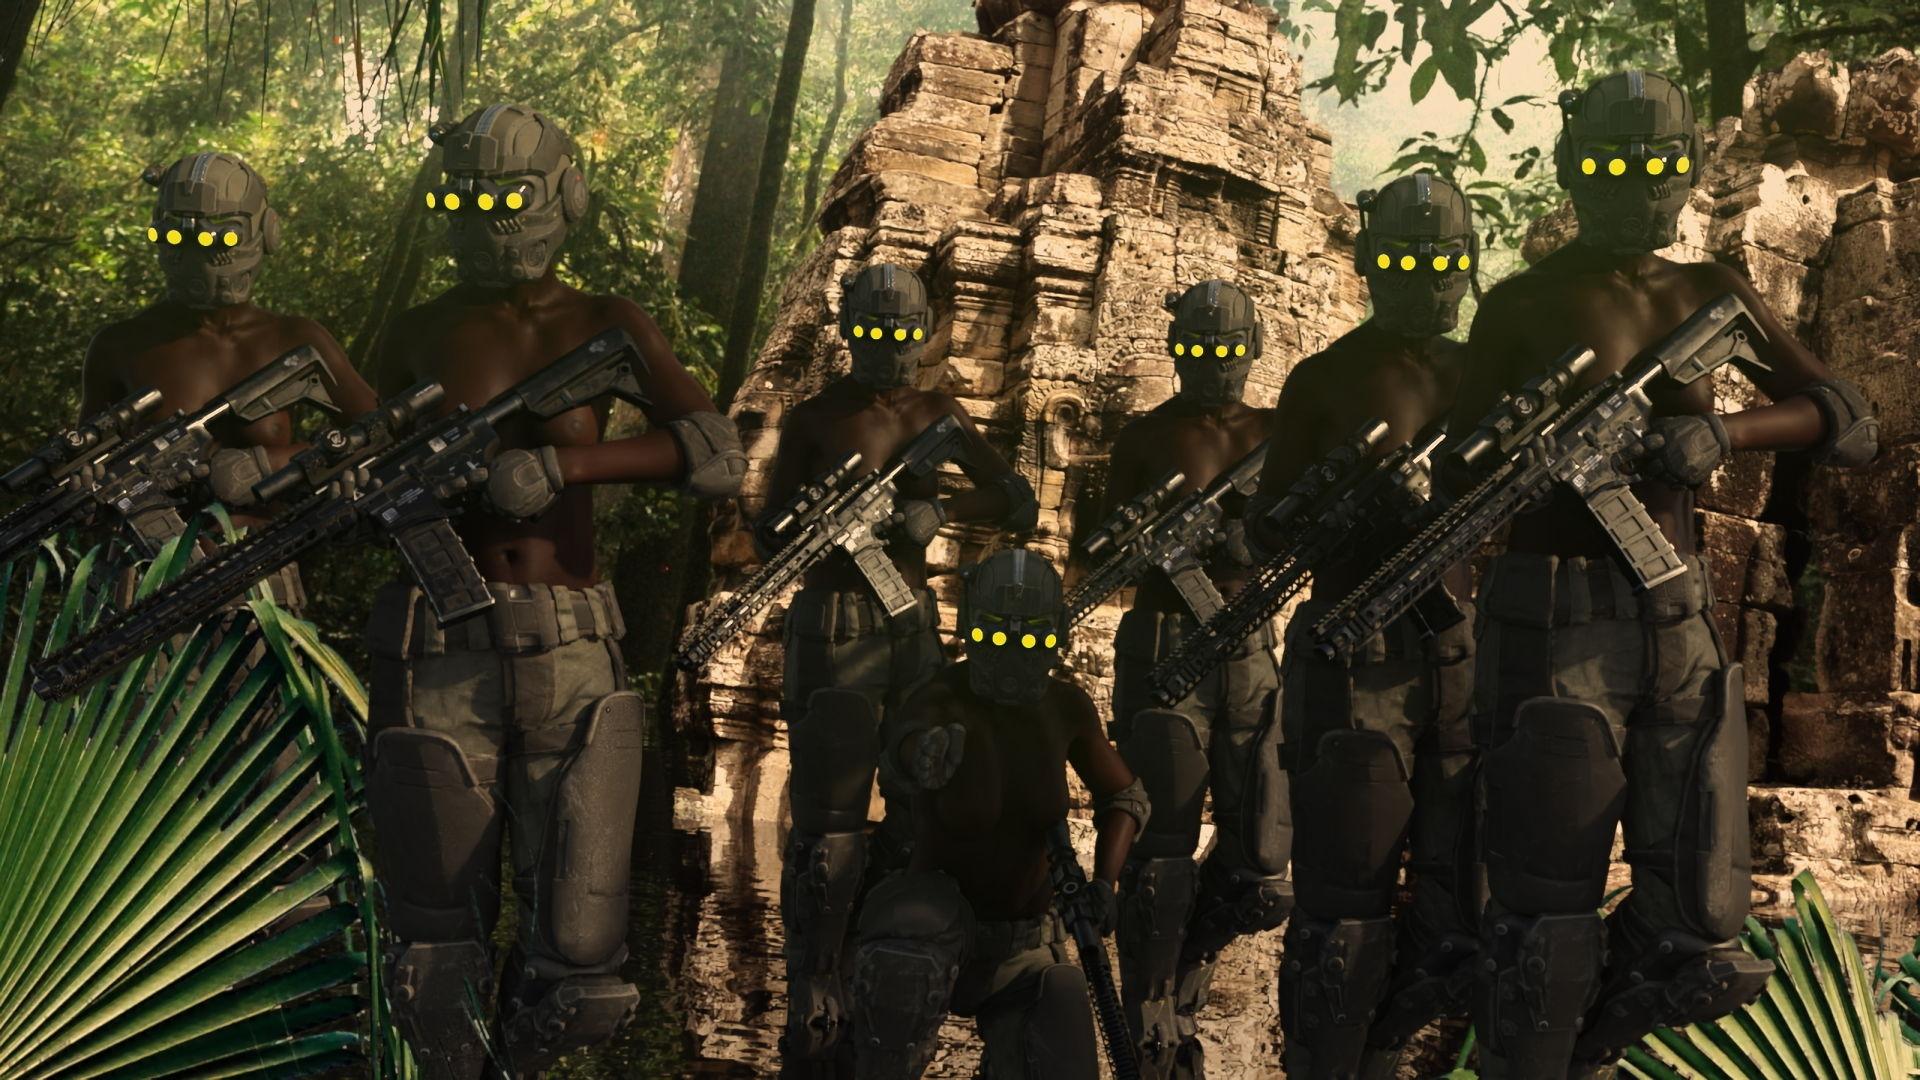 全頭マスクの兵士たち